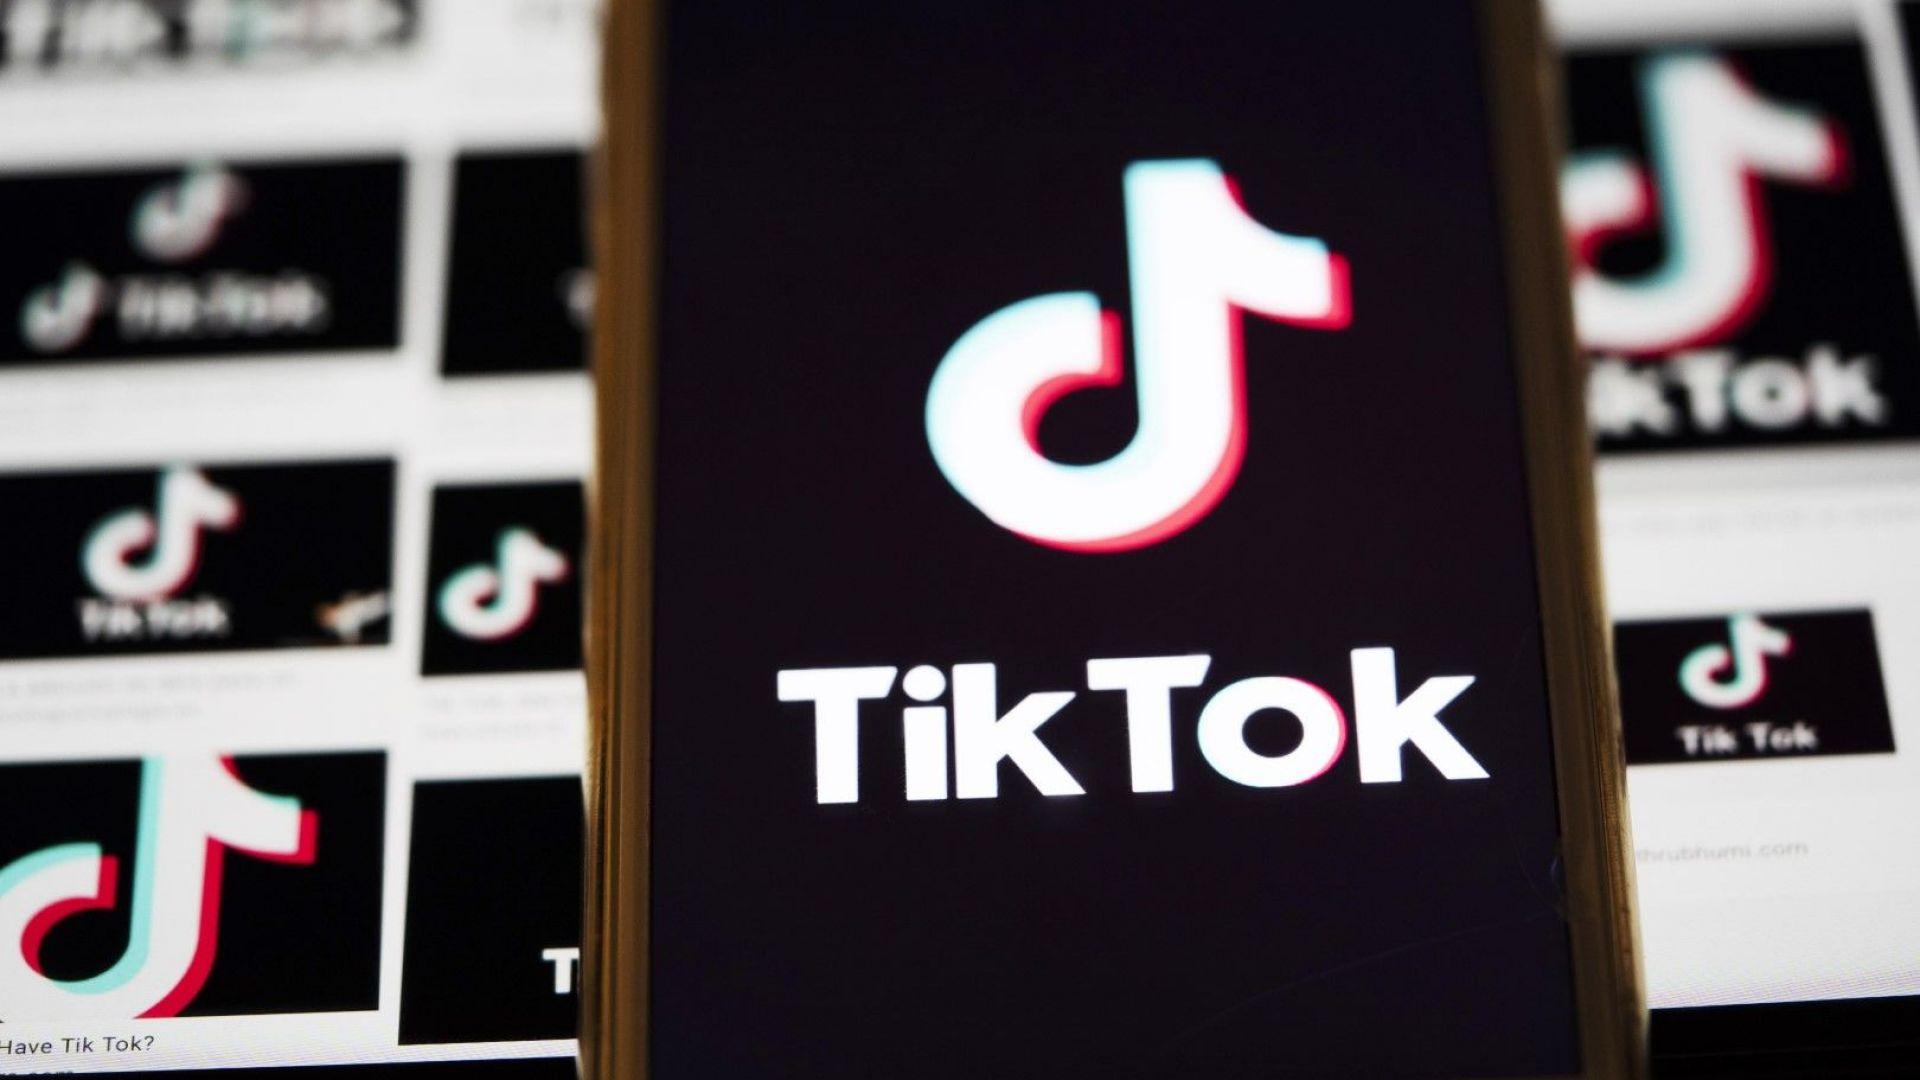 БайтДенс получи ултиматум от 90 дни да продаде дела си в американския бизнес на ТикТок